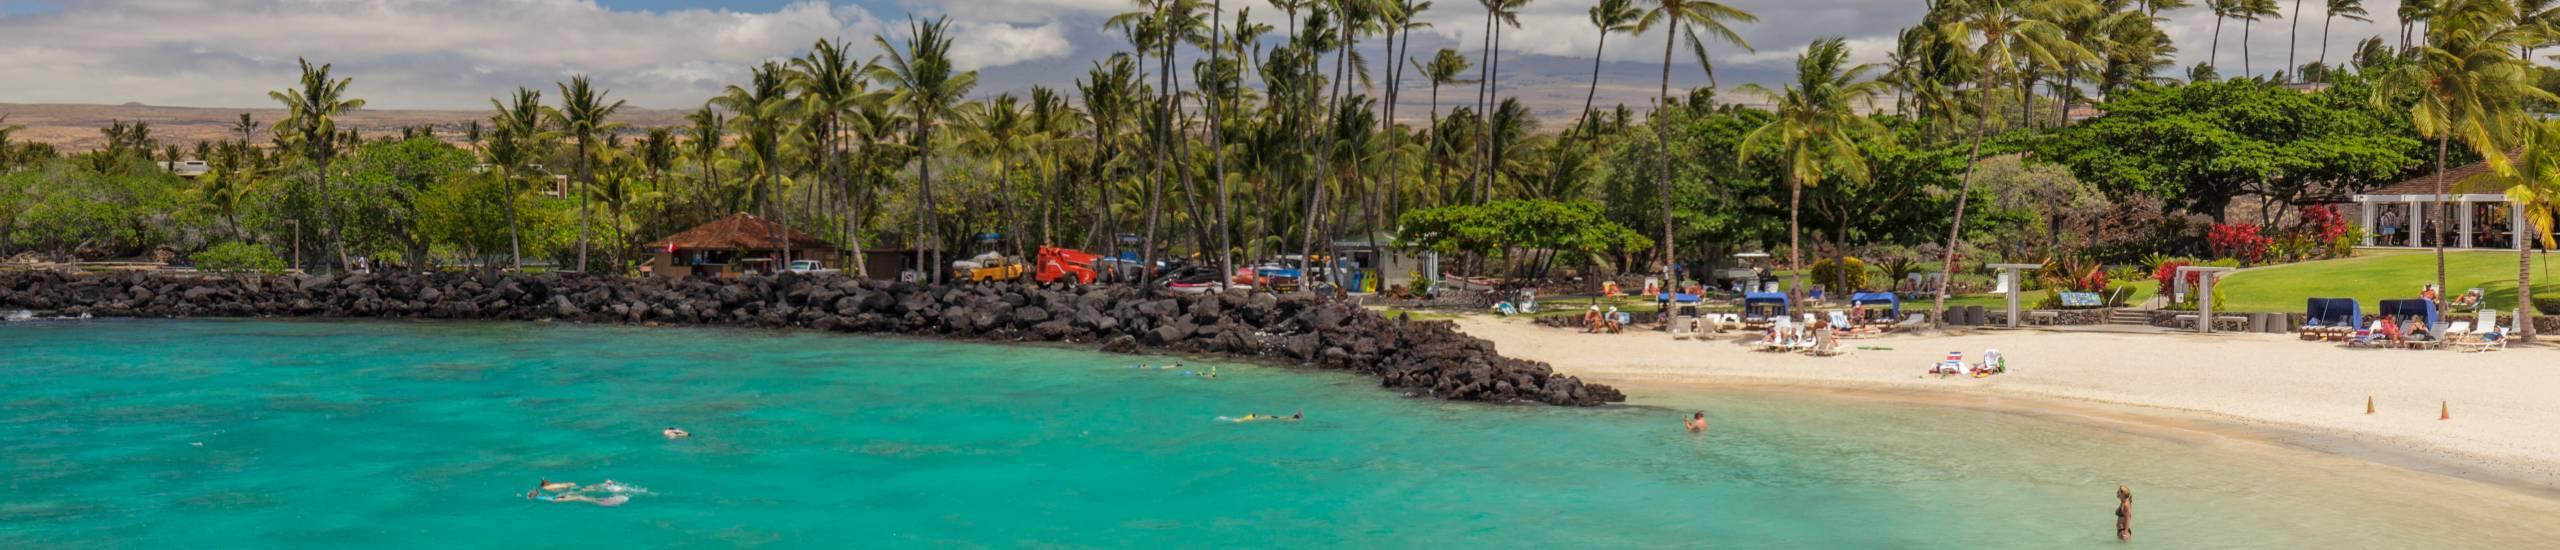 Private Mauna Lani Beach Club